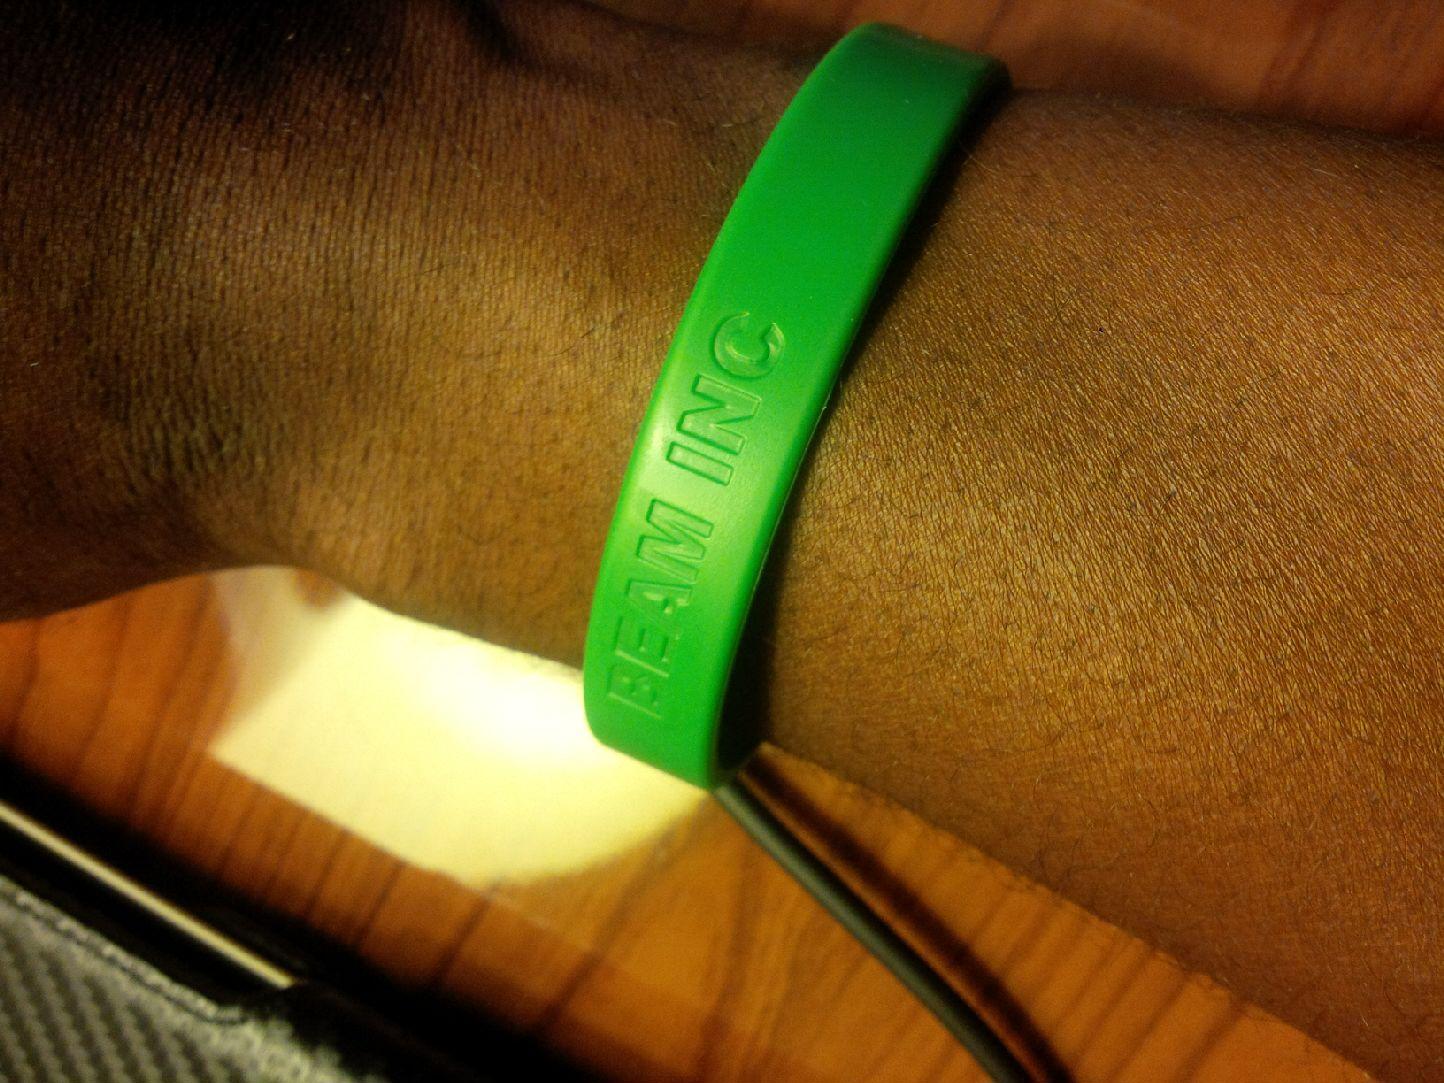 BEAM wrist band